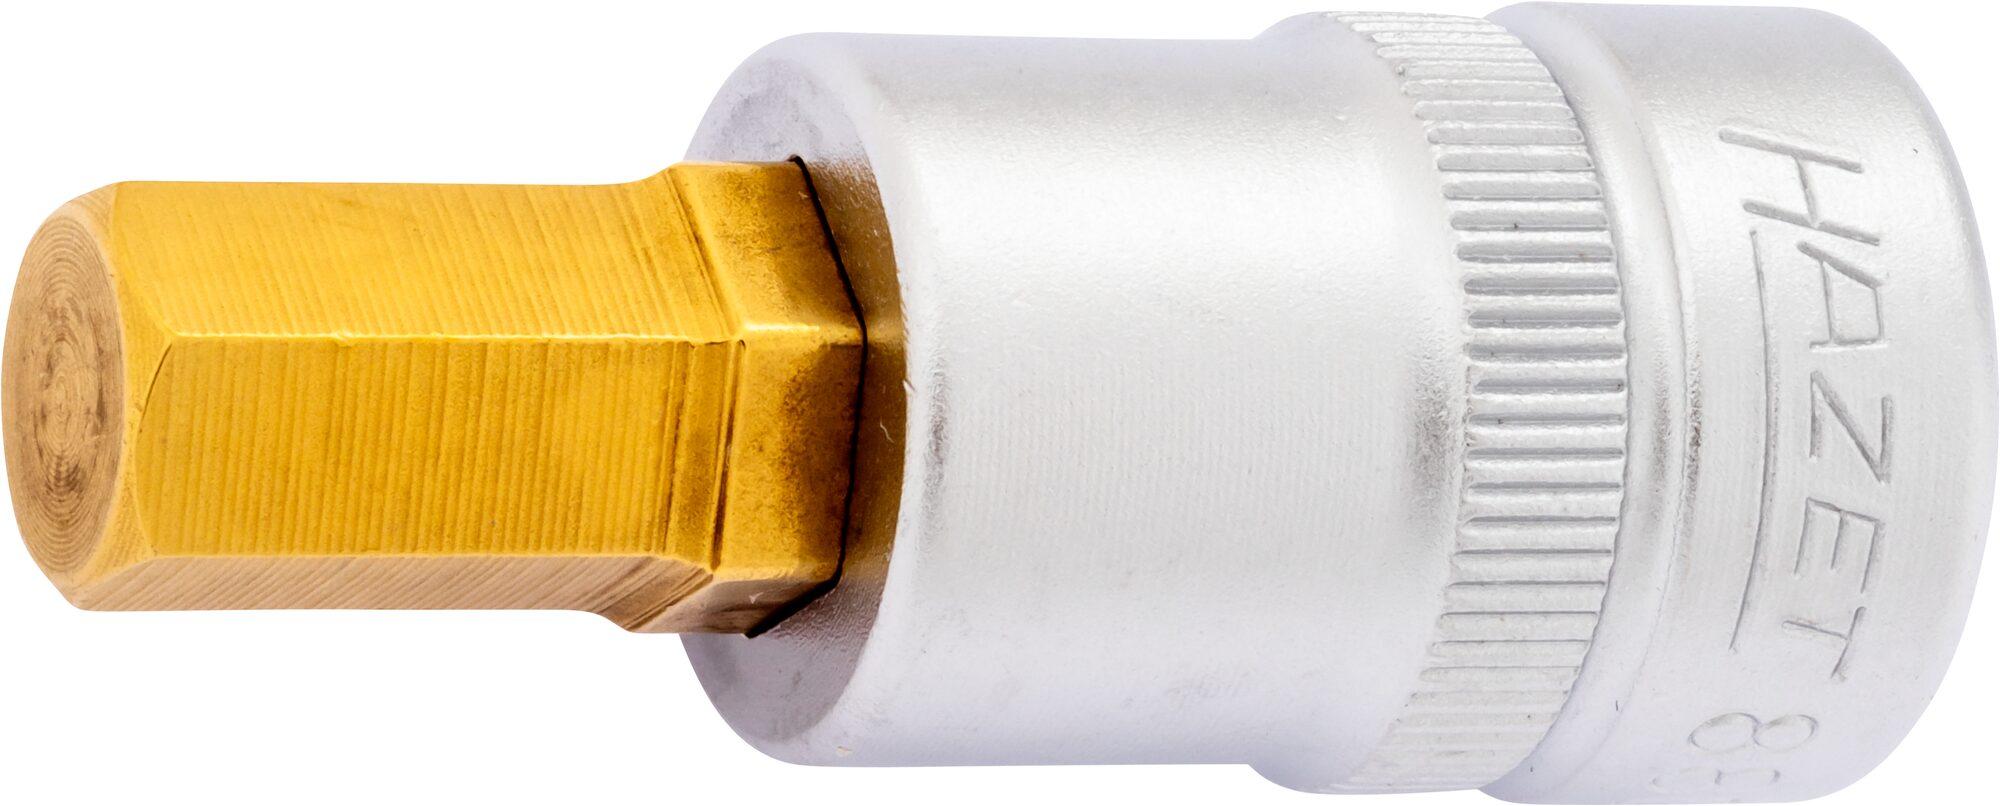 HAZET Schraubendreher-Steckschlüsseleinsatz 8801K-4 ∙ Vierkant hohl 10 mm (3/8 Zoll) ∙ Innen-Sechskant Profil ∙ 4 mm